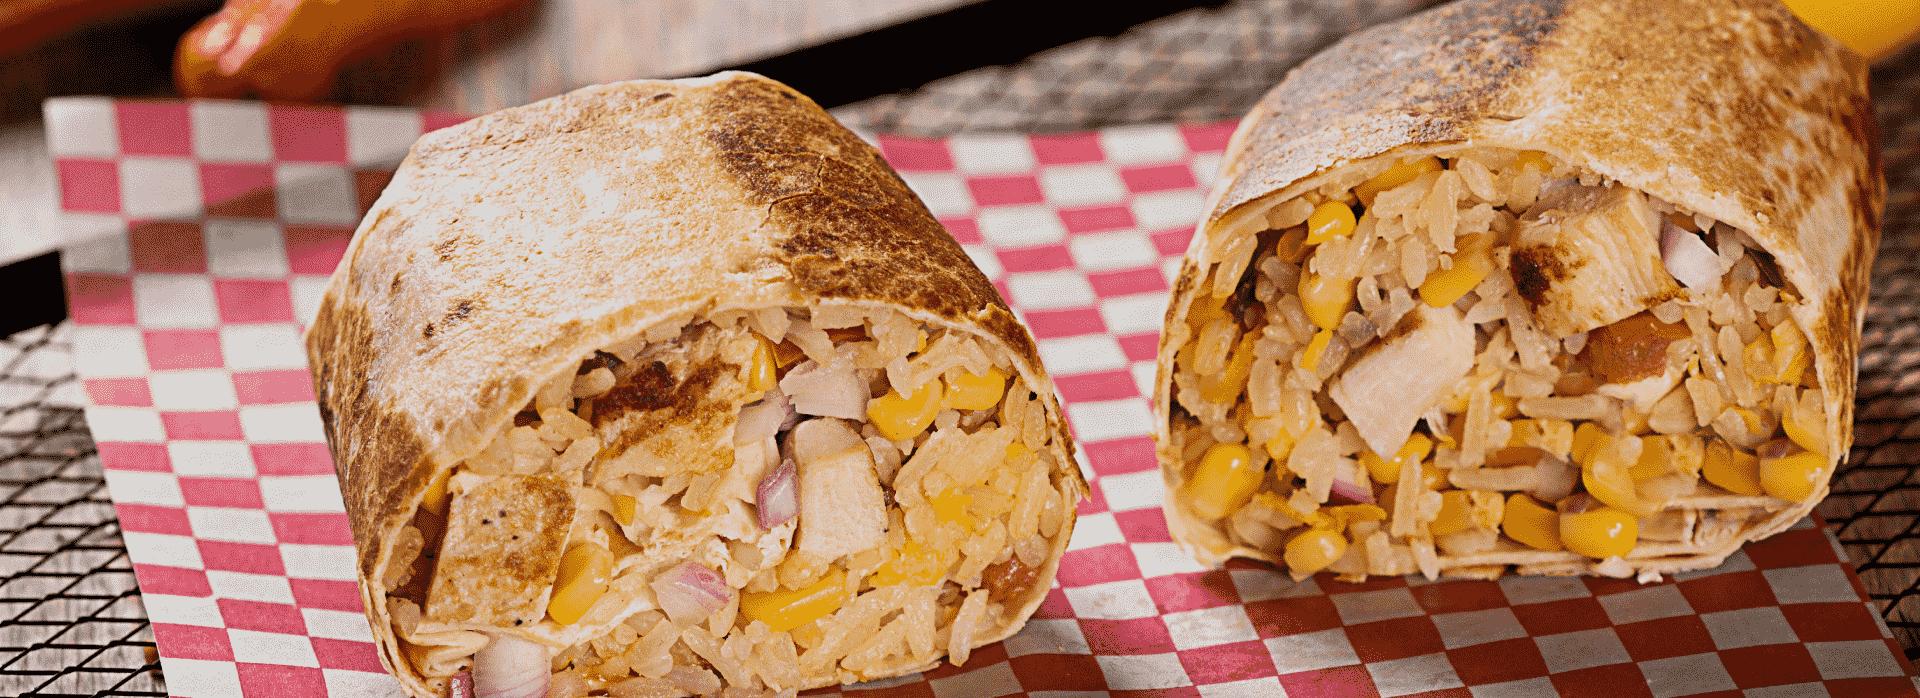 Prueba este burrito mexicano con pollo bbq